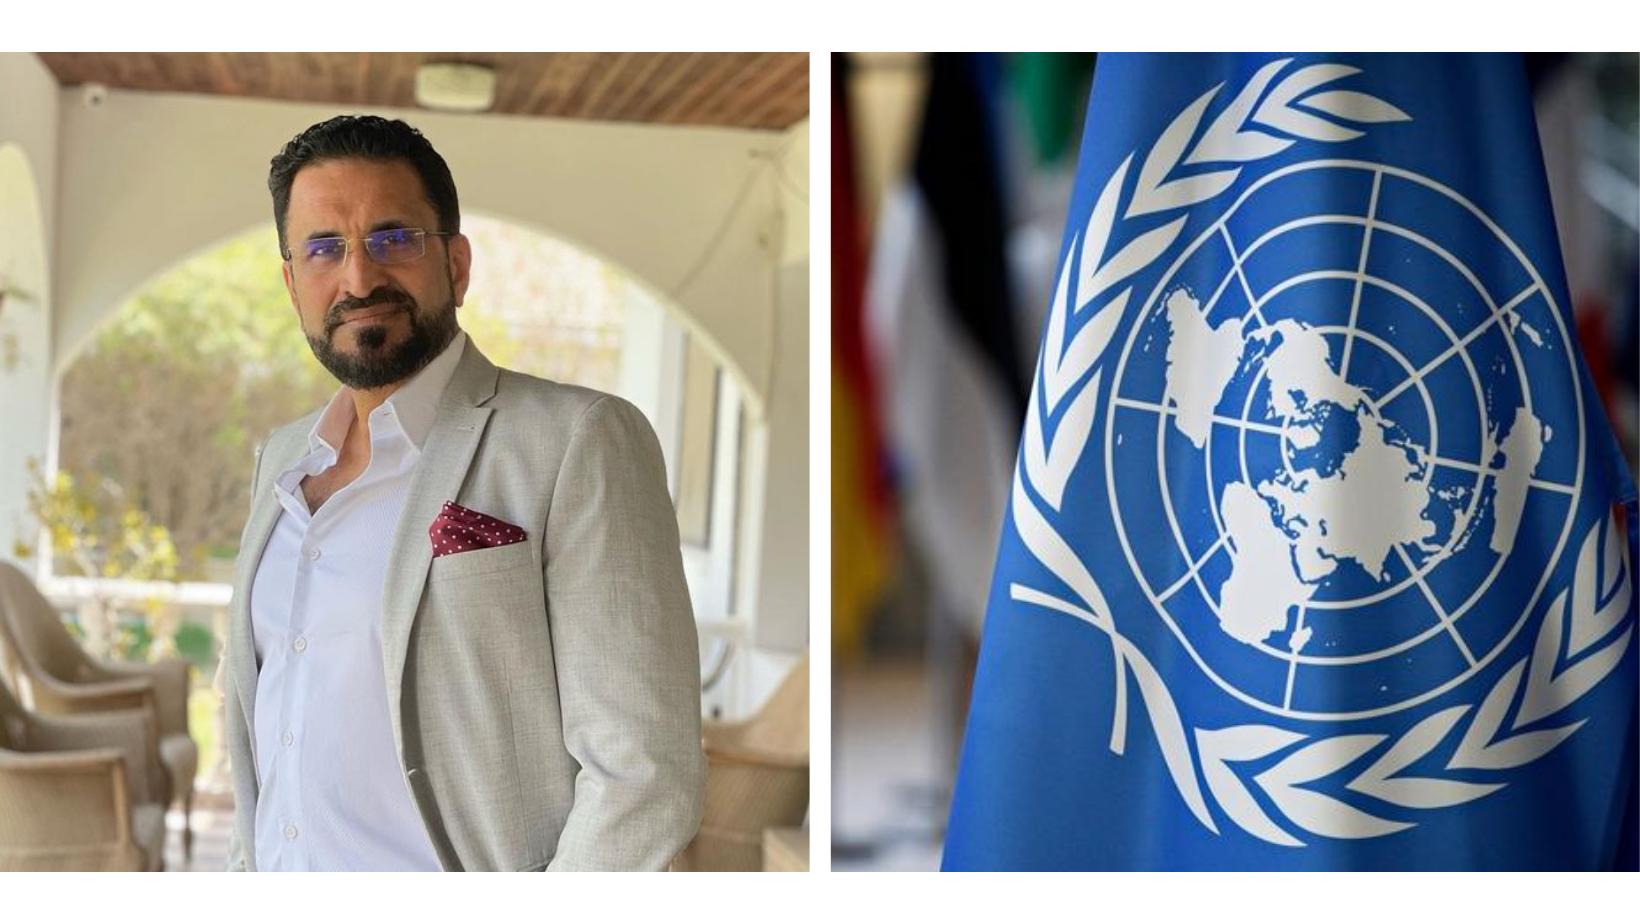 Bahrain based businessman at UN